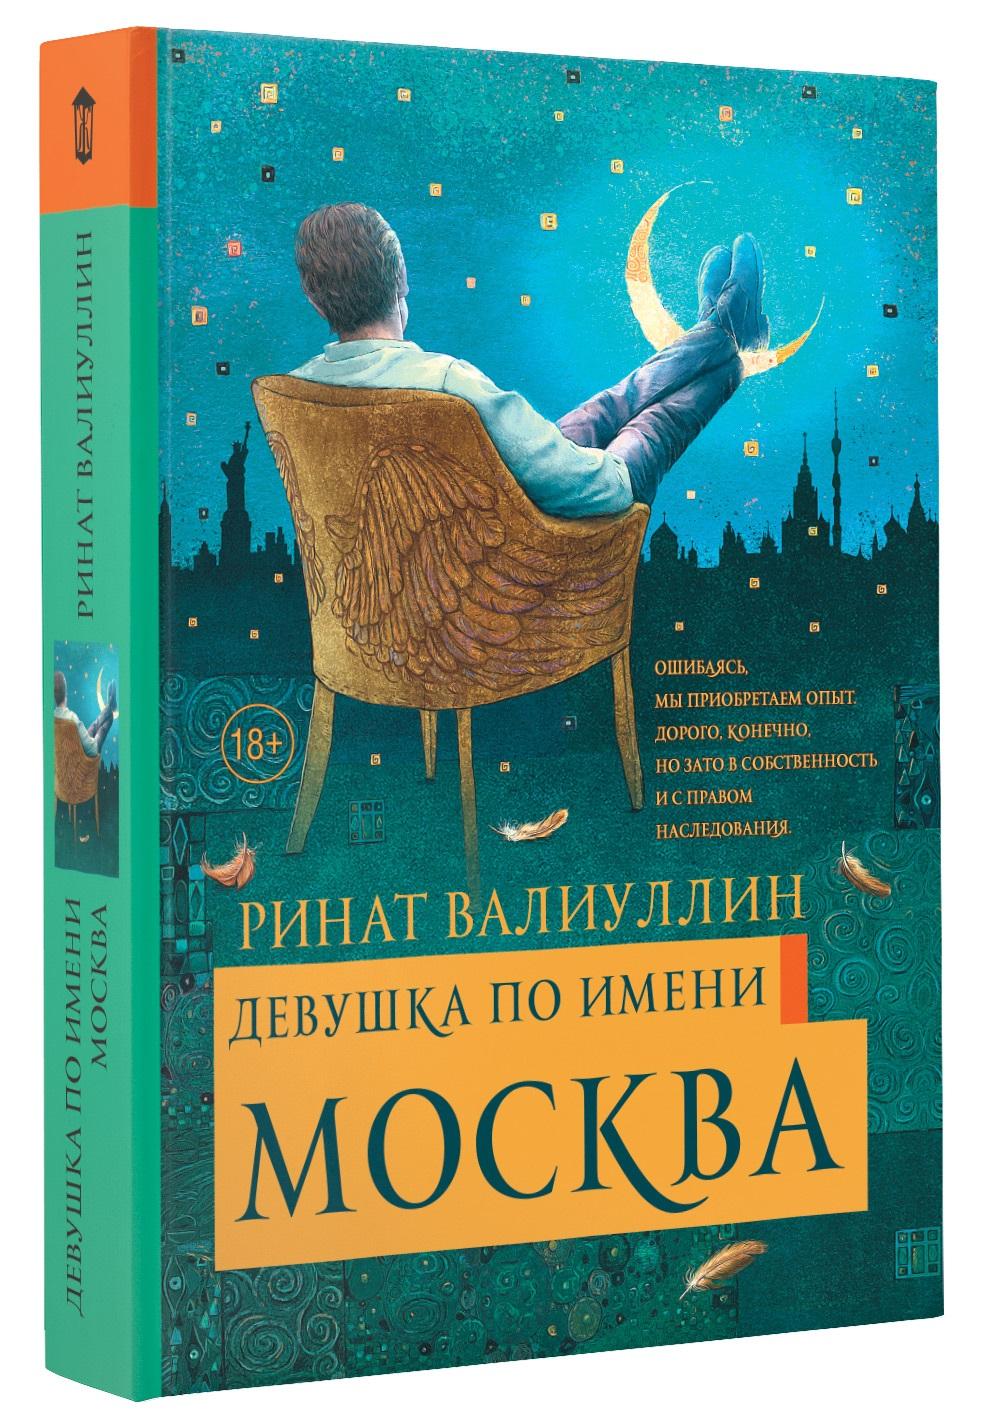 Девушка по имени Москва